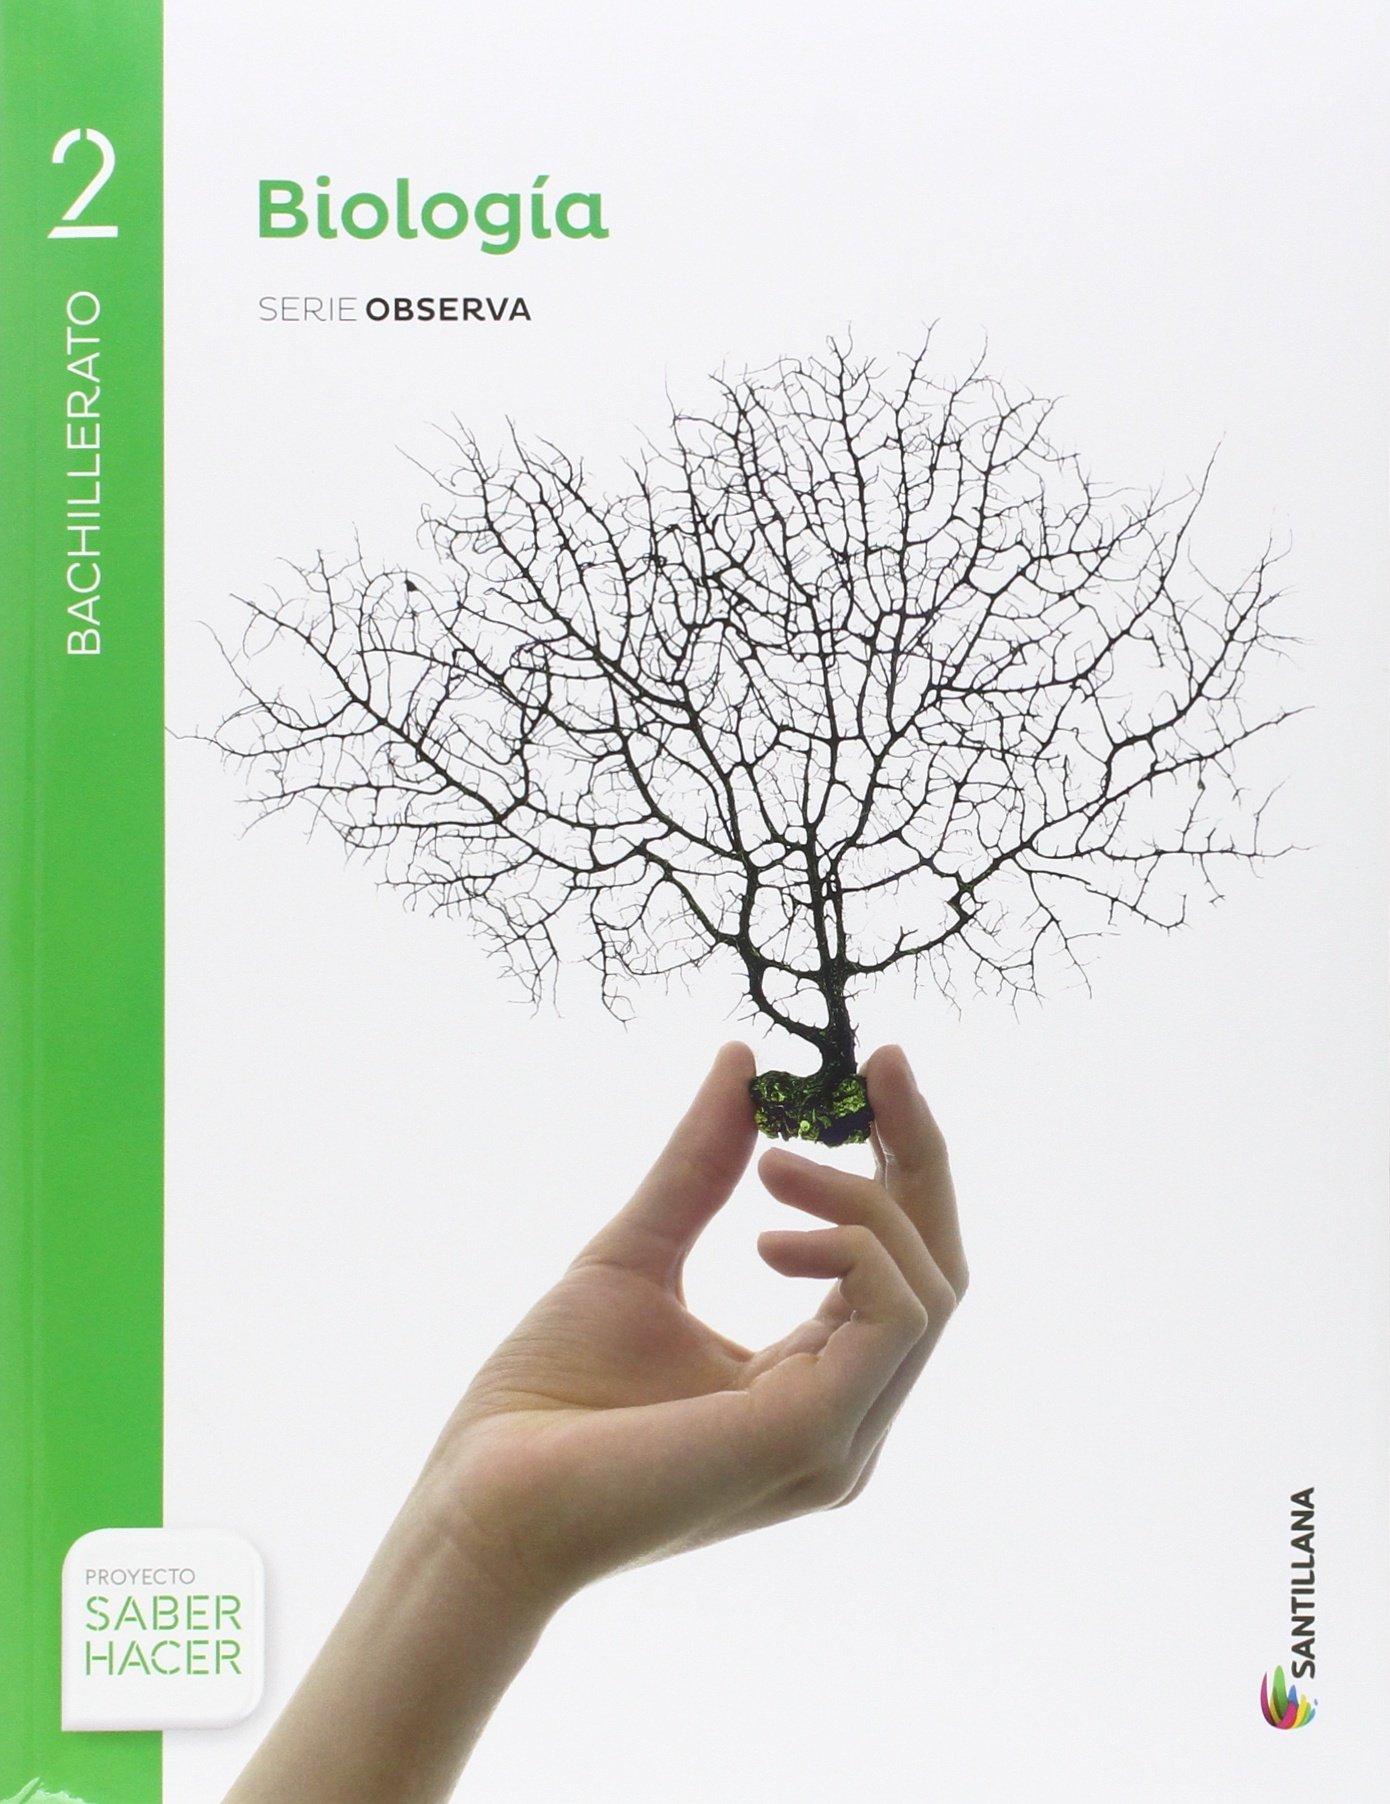 BIOLOGÍA SERIE OBSERVA 2 BTO SABER HACER - 9788414101933: Amazon.es: Aa.Vv.: Libros